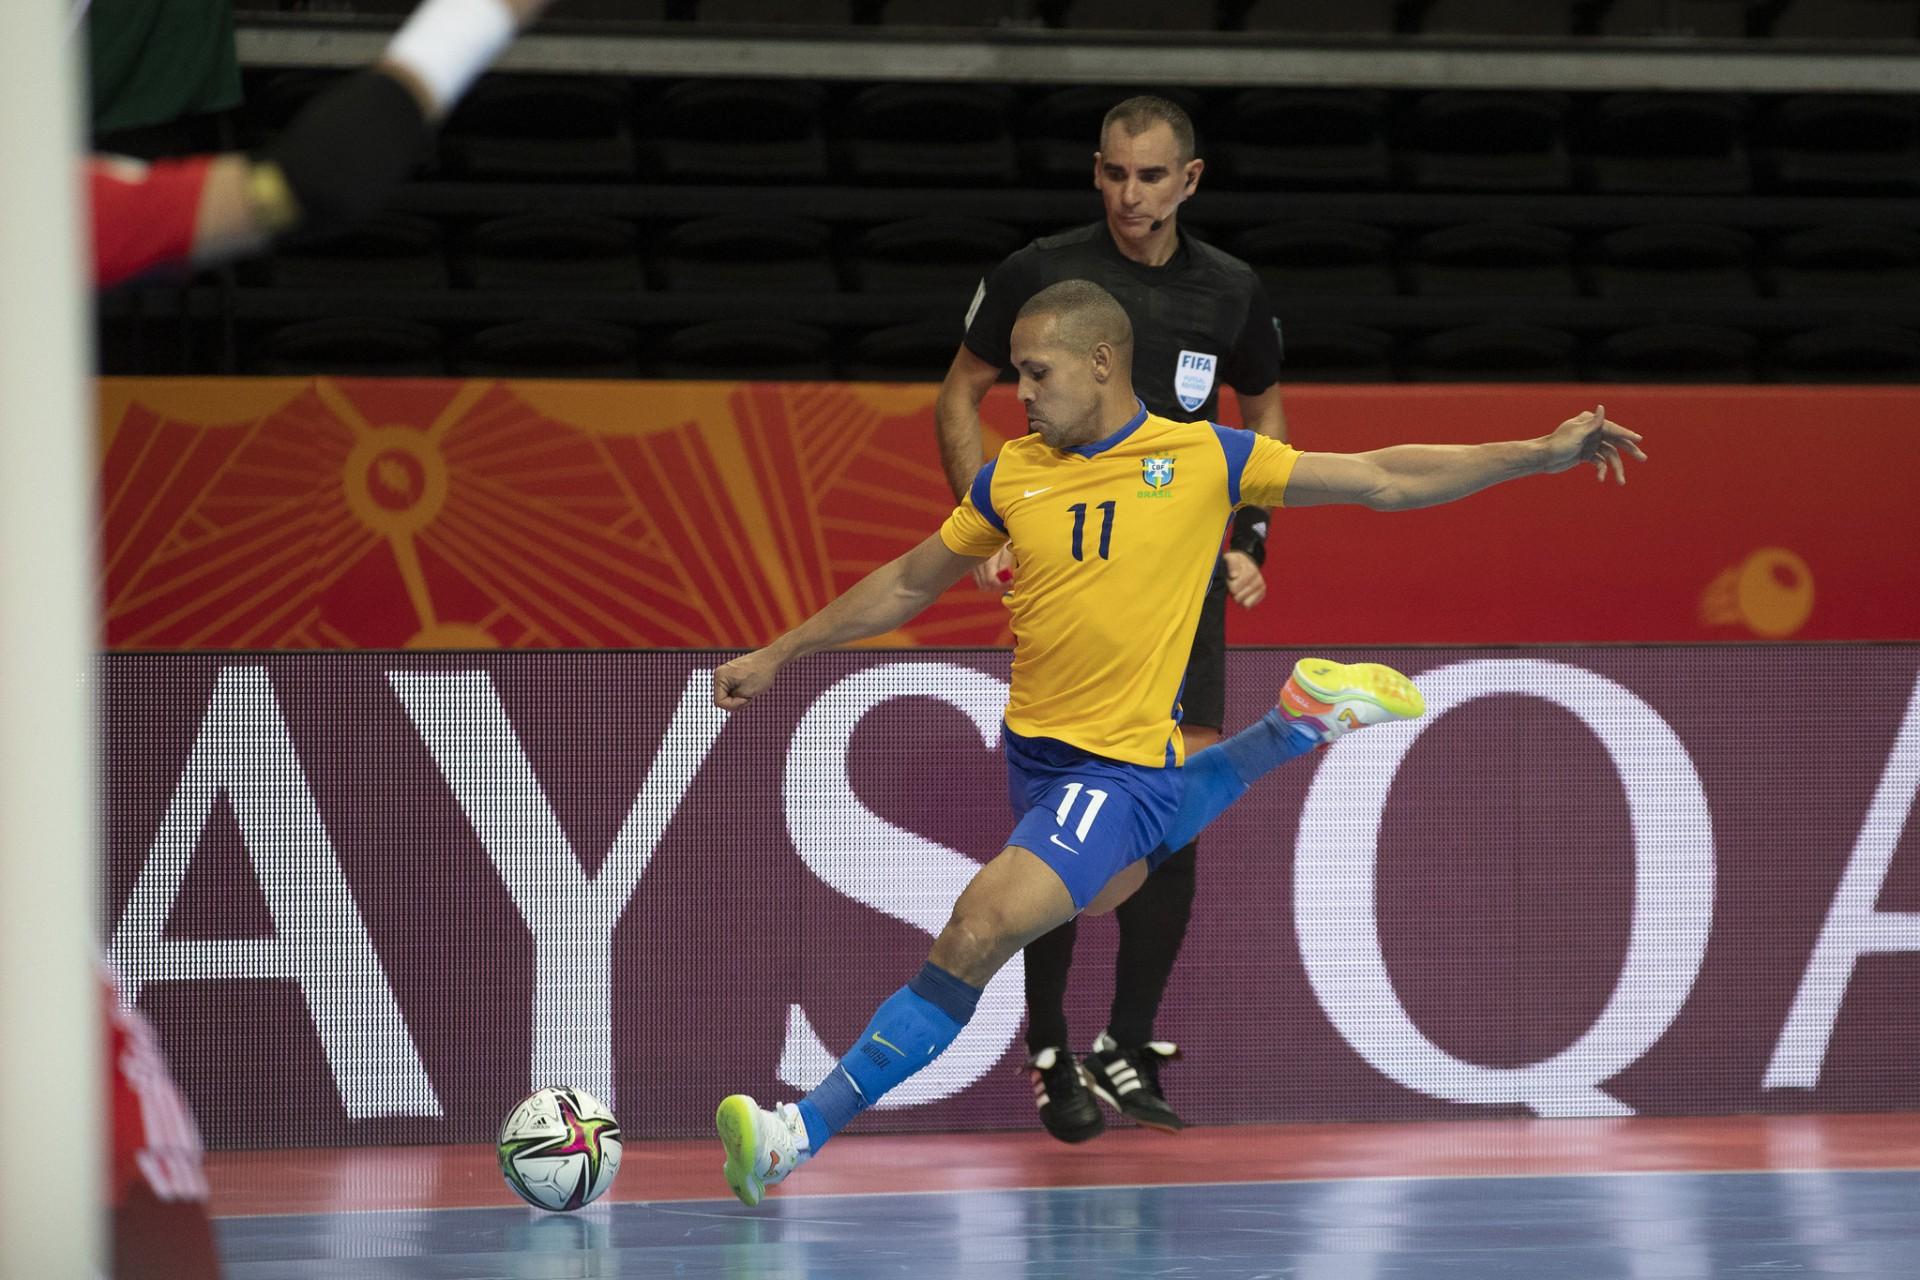 Brasil perde muitas chances e cai para a Argentina na semifinal da Copa do Mundo de Futsal